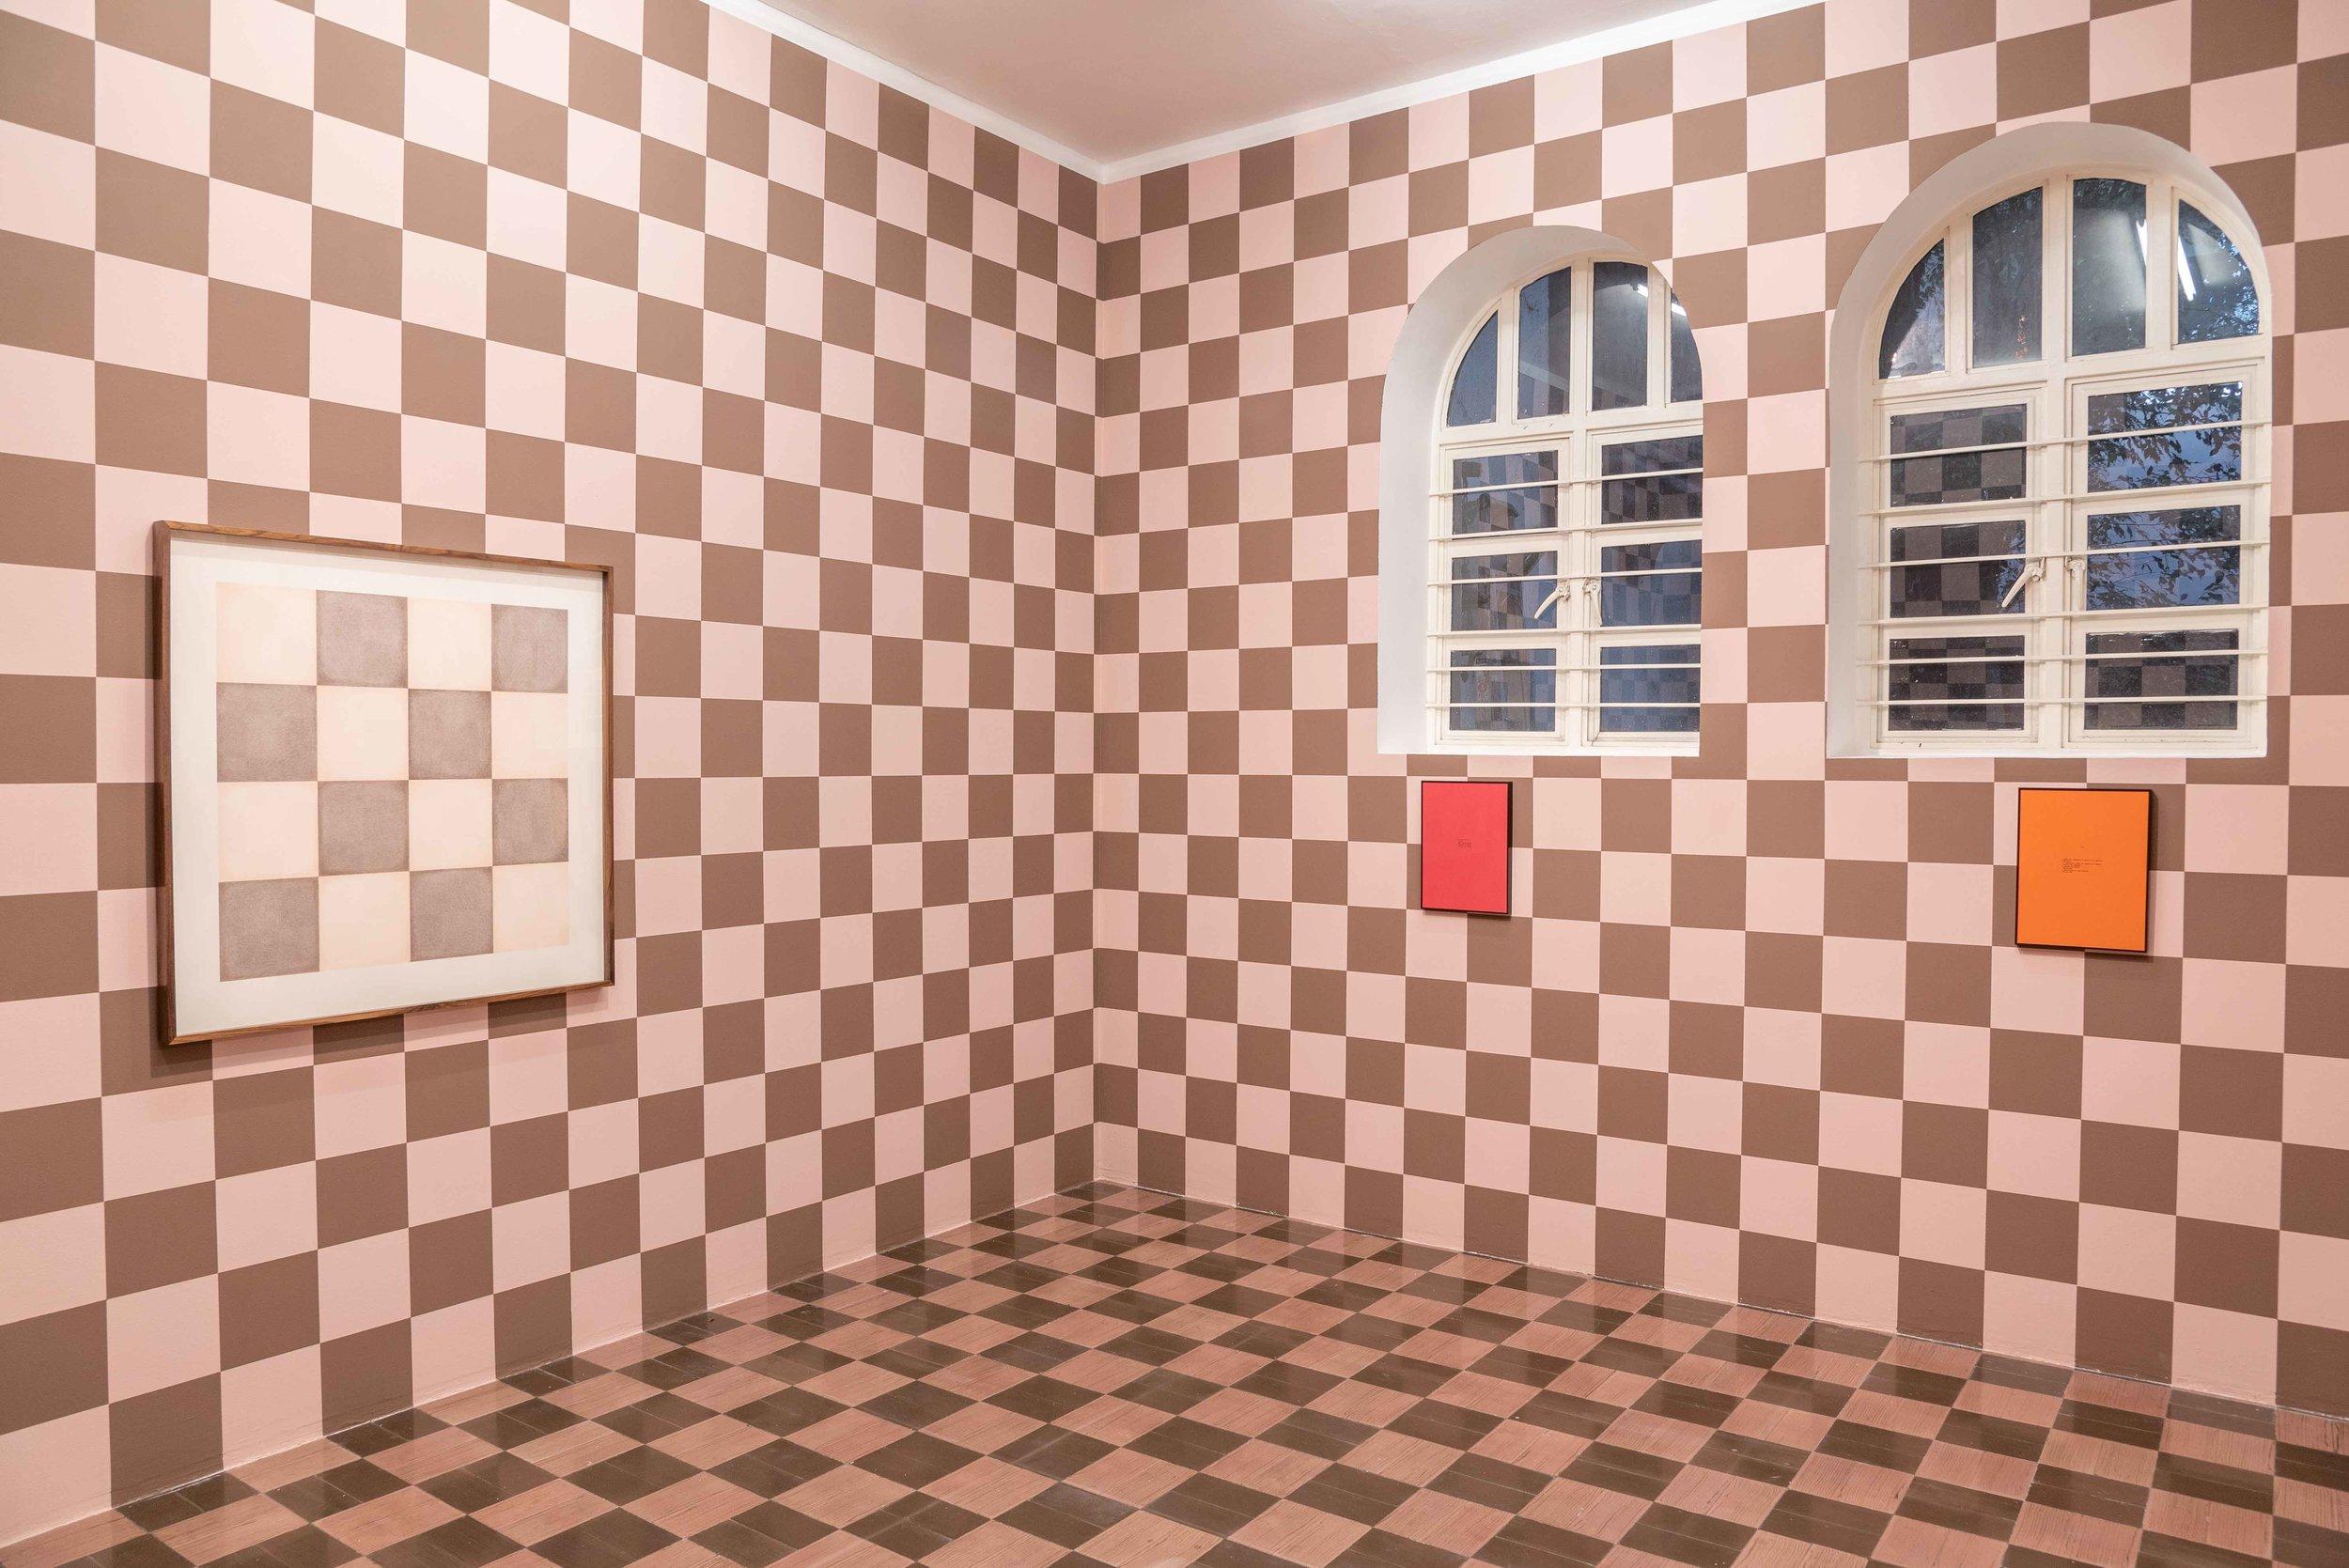 Piso Casa Franco III / Franco House Floor III, 2018  Lápiz de color sobre papel / Colored pencil on paper  100 x 100 cm   ***  Diálogo sobre un poeta, una manzana y una retícula (Parte uno) I / Dialogue about a Poet, an Apple. and a Grid (Part one) I, 2018  Tinta sobre papel / Ink on paper  Políptico de 10 piezas de 37.5 cm x 27.5 cm / 10 piece polyptych, 37.5 cm x 27.5 cm each  Detalle / Detail   ***  Piso Casa Franco (Estudio de perspectiva I) / Franco House Floor (Perspective Study I), 2018 Pintura sobre muro / Paint on wall      Fotografía: Agustín Arce